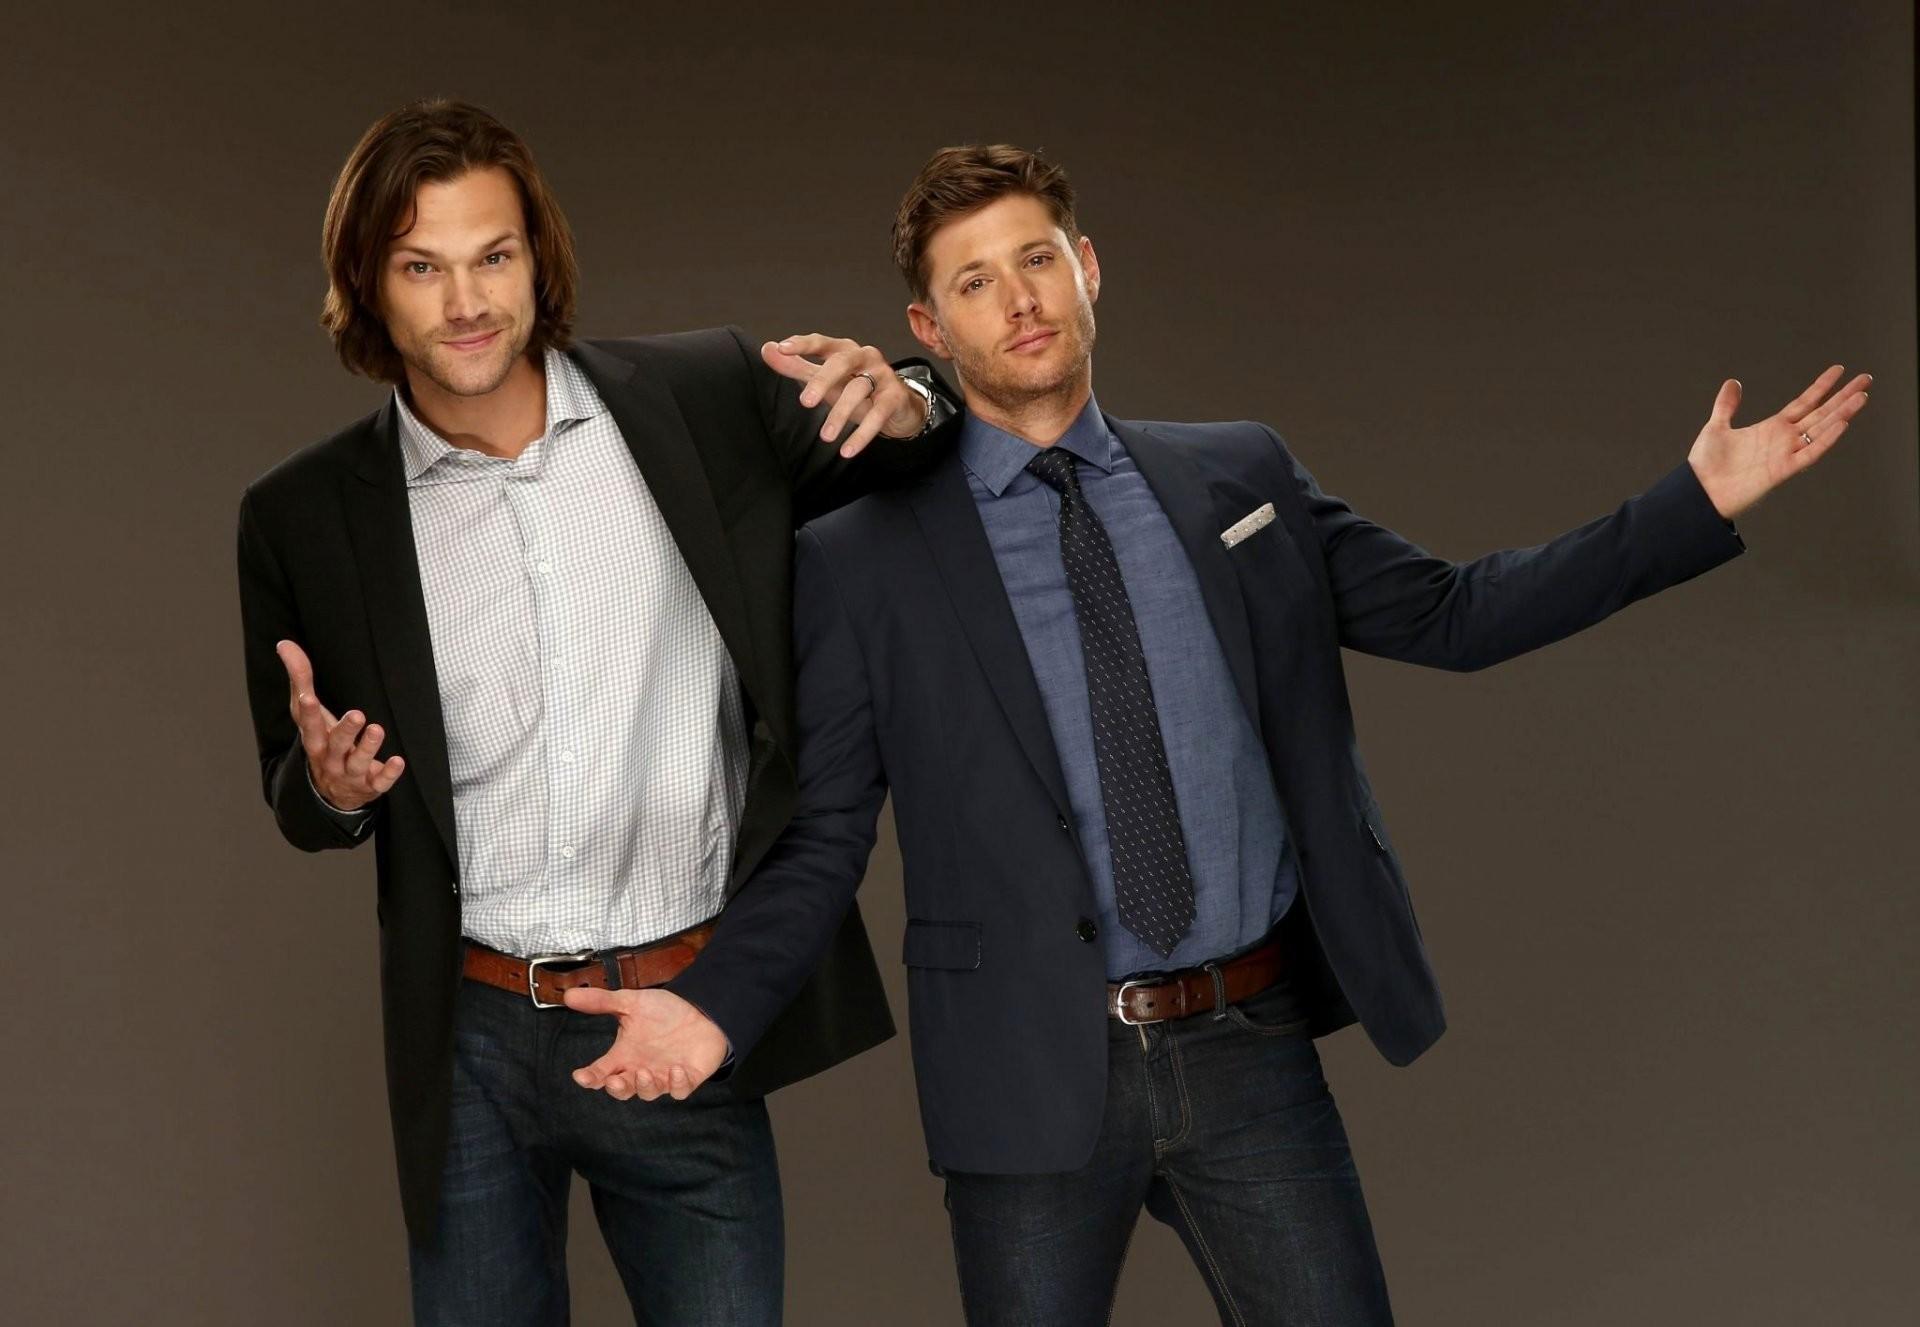 jared padalecki jared padalecki jensen ackles jensen ackles actors men  supernatural supernatural sam dean winchester sam